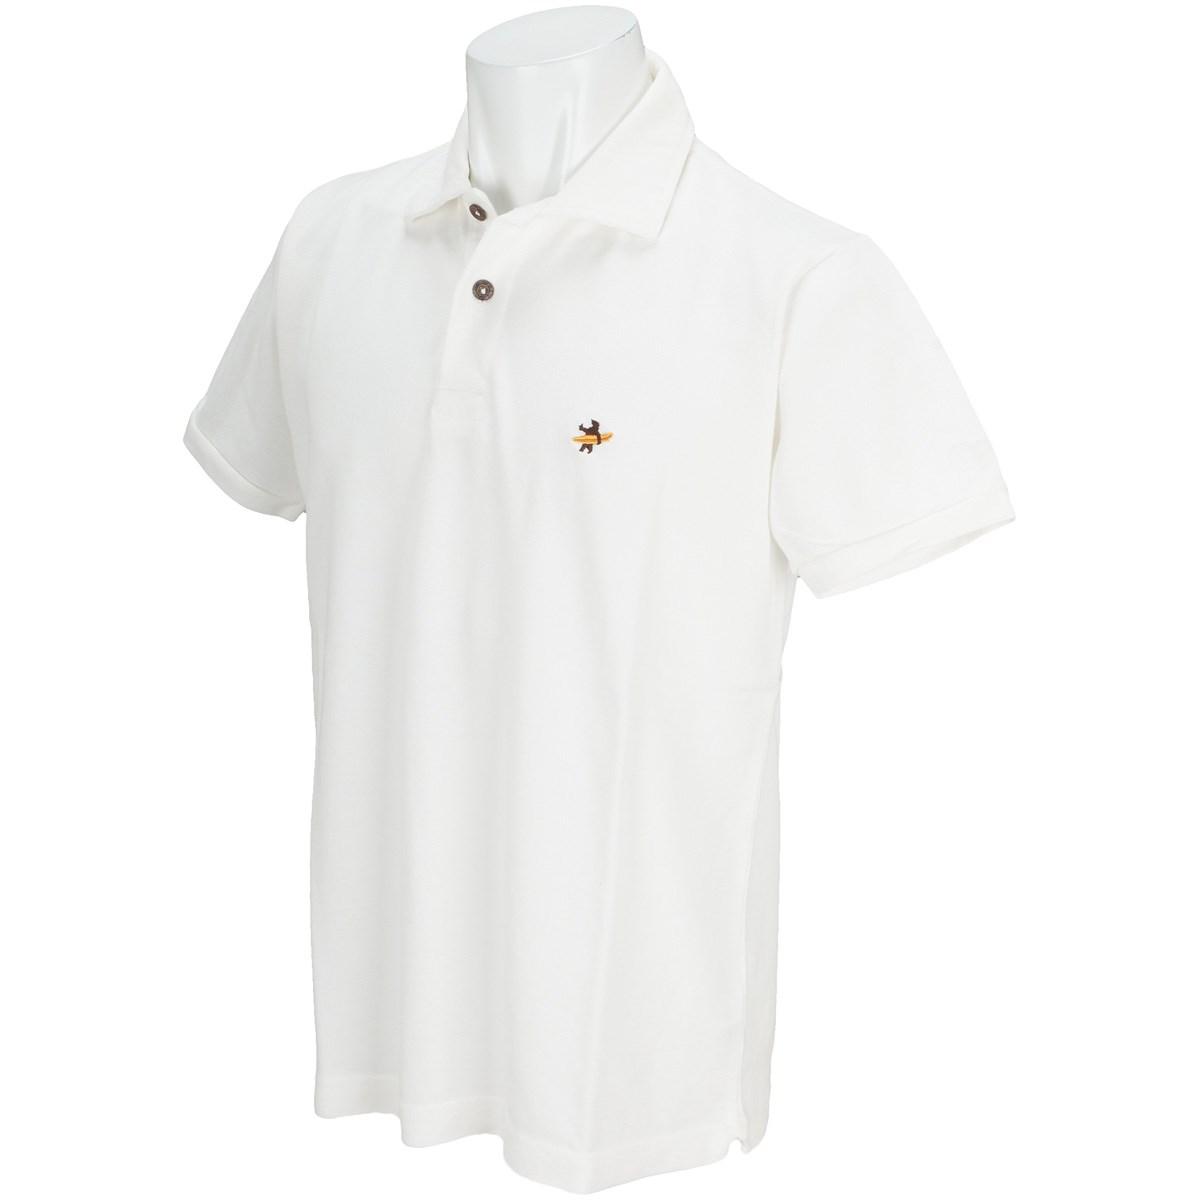 オーシャンパシフィック 半袖ポロシャツ